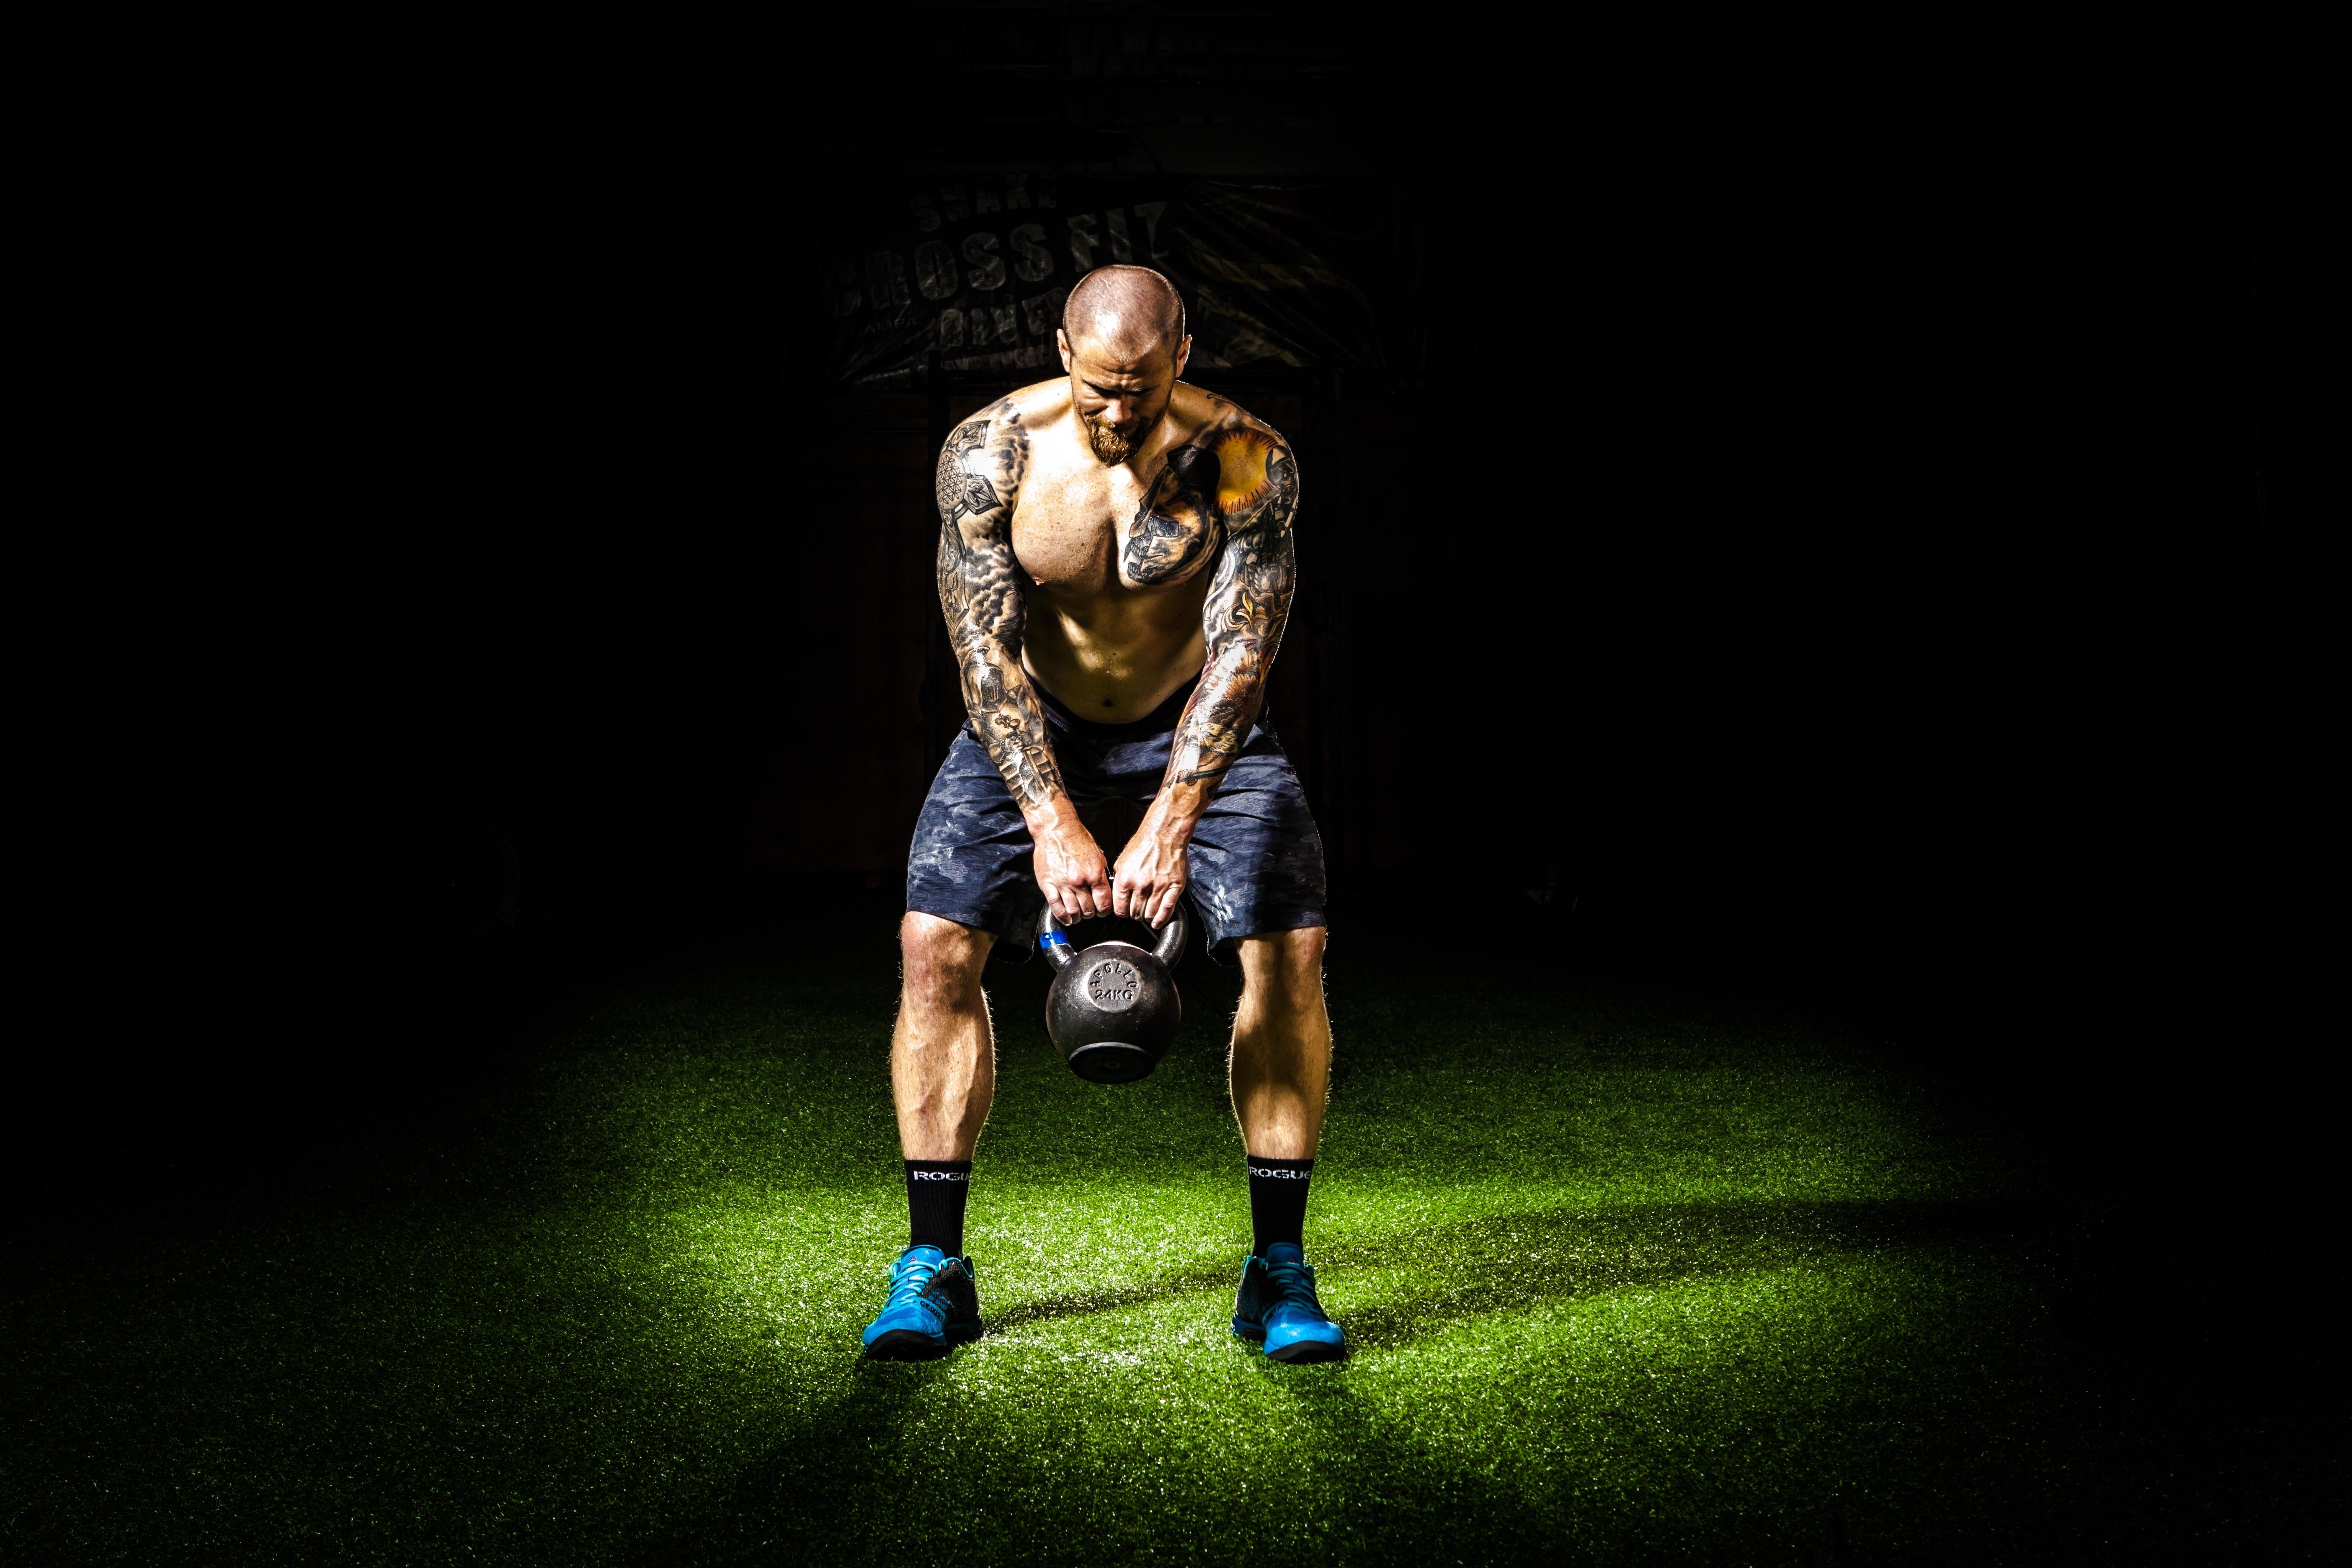 4 ексклюзивних вправи з гирями для ніг і сідниць